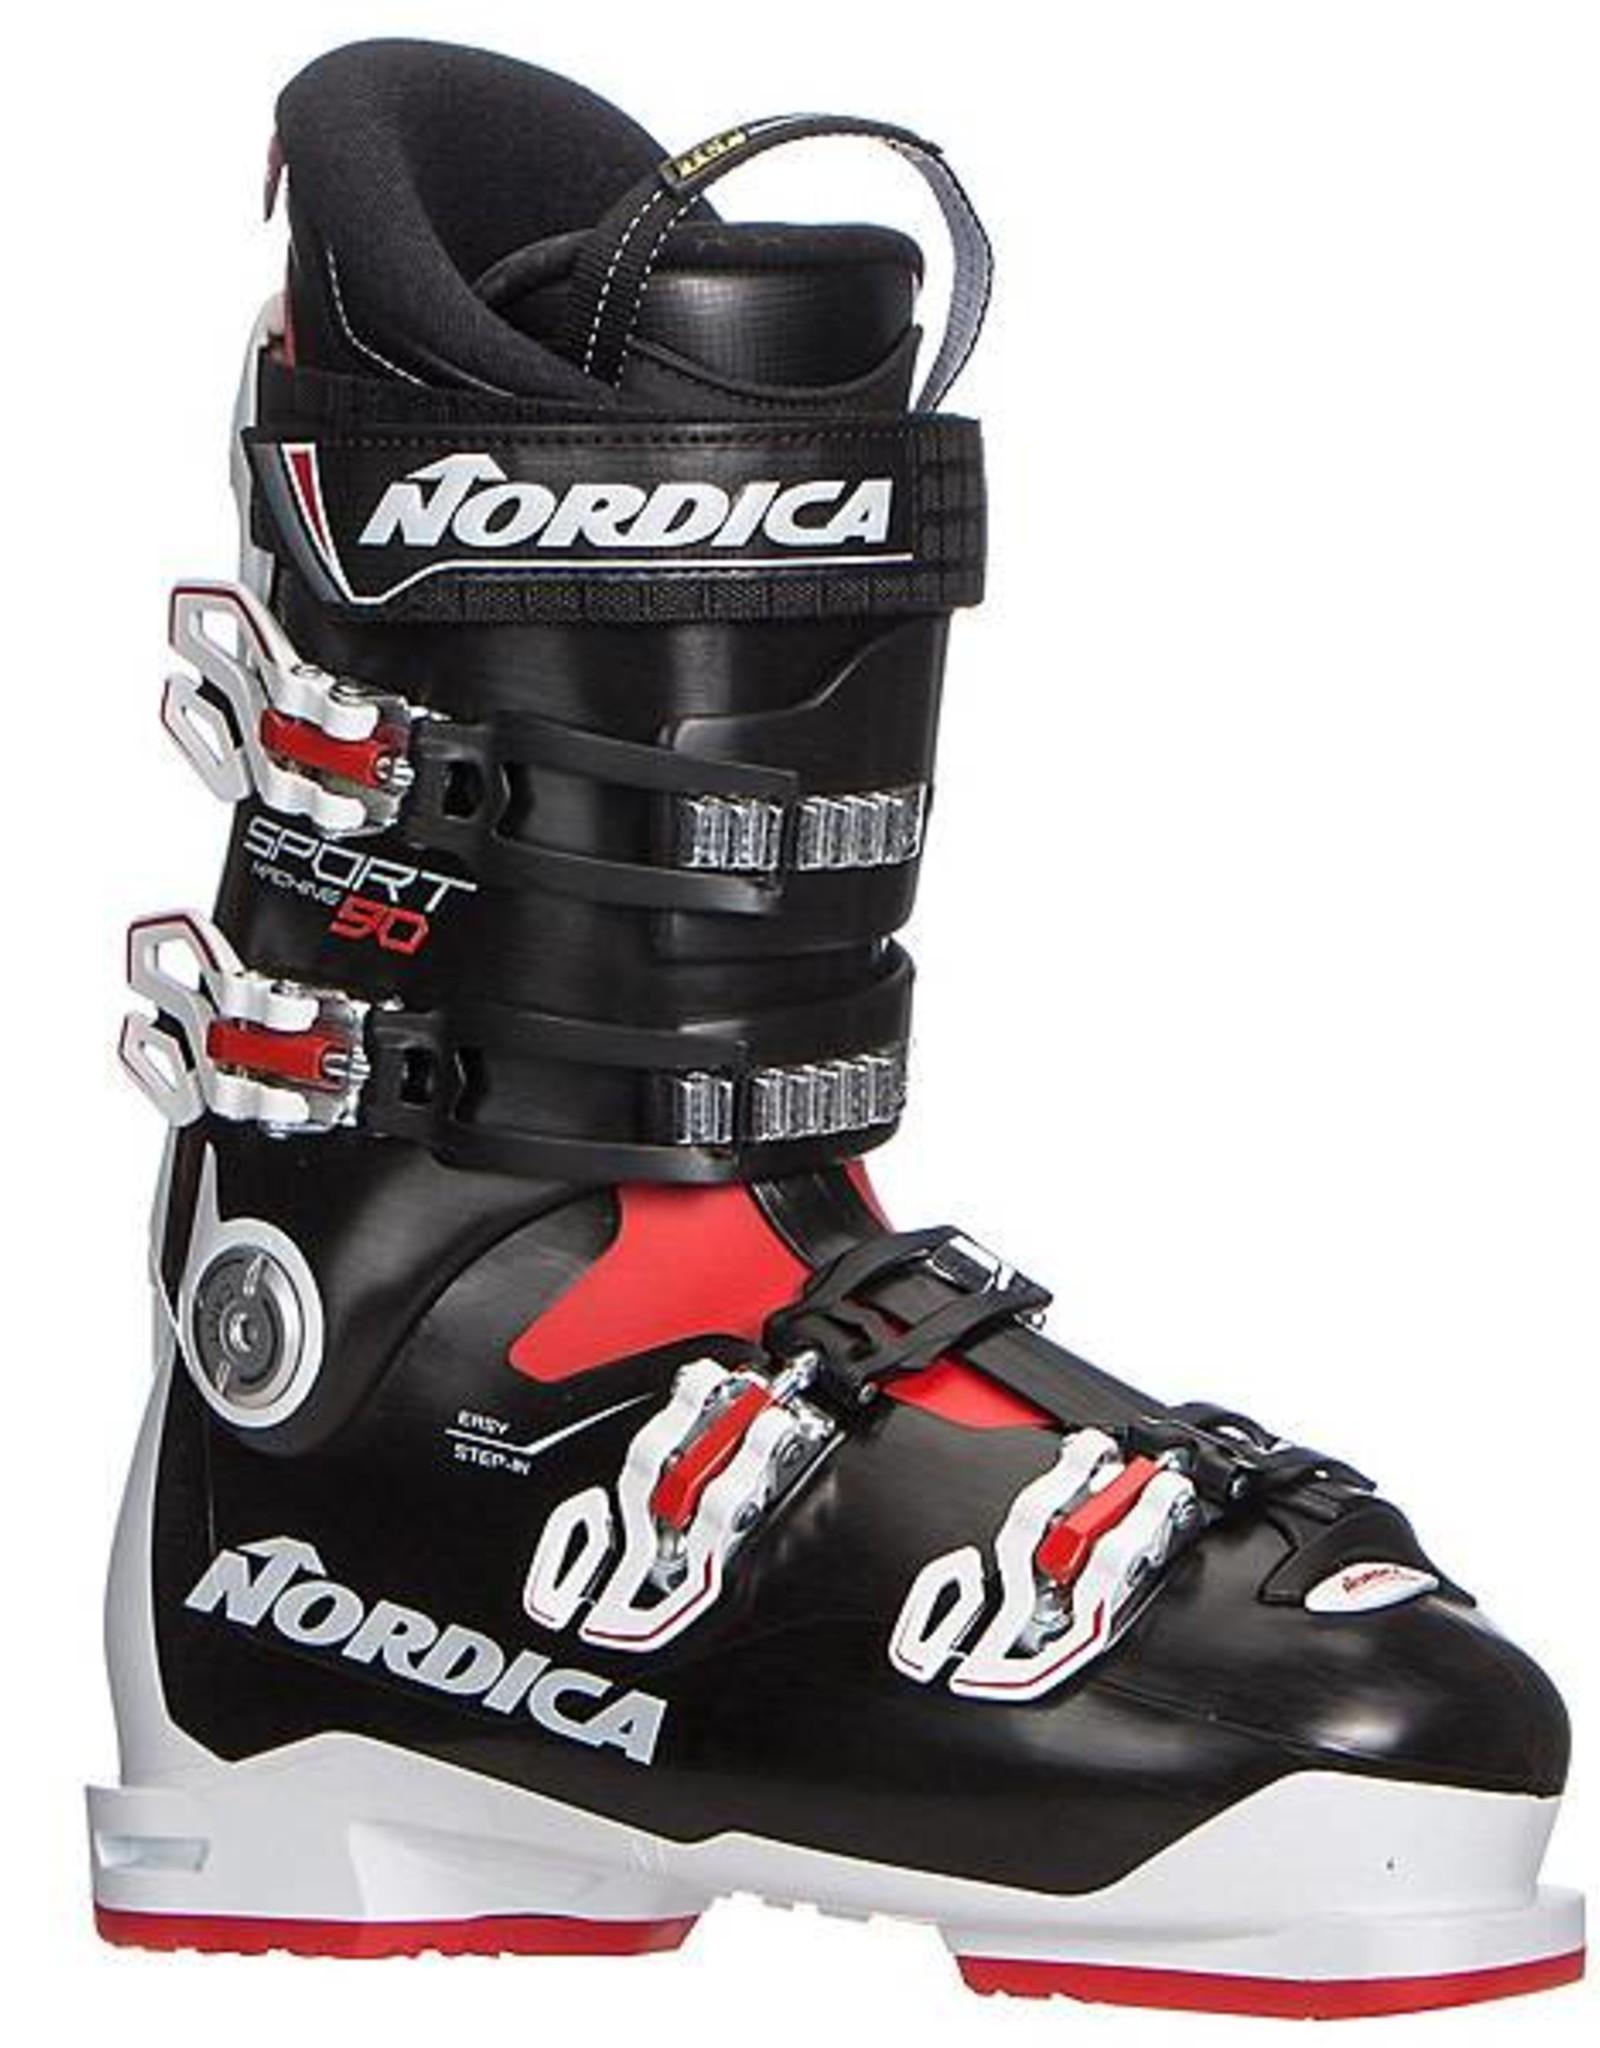 Nordica Sportmachine 90